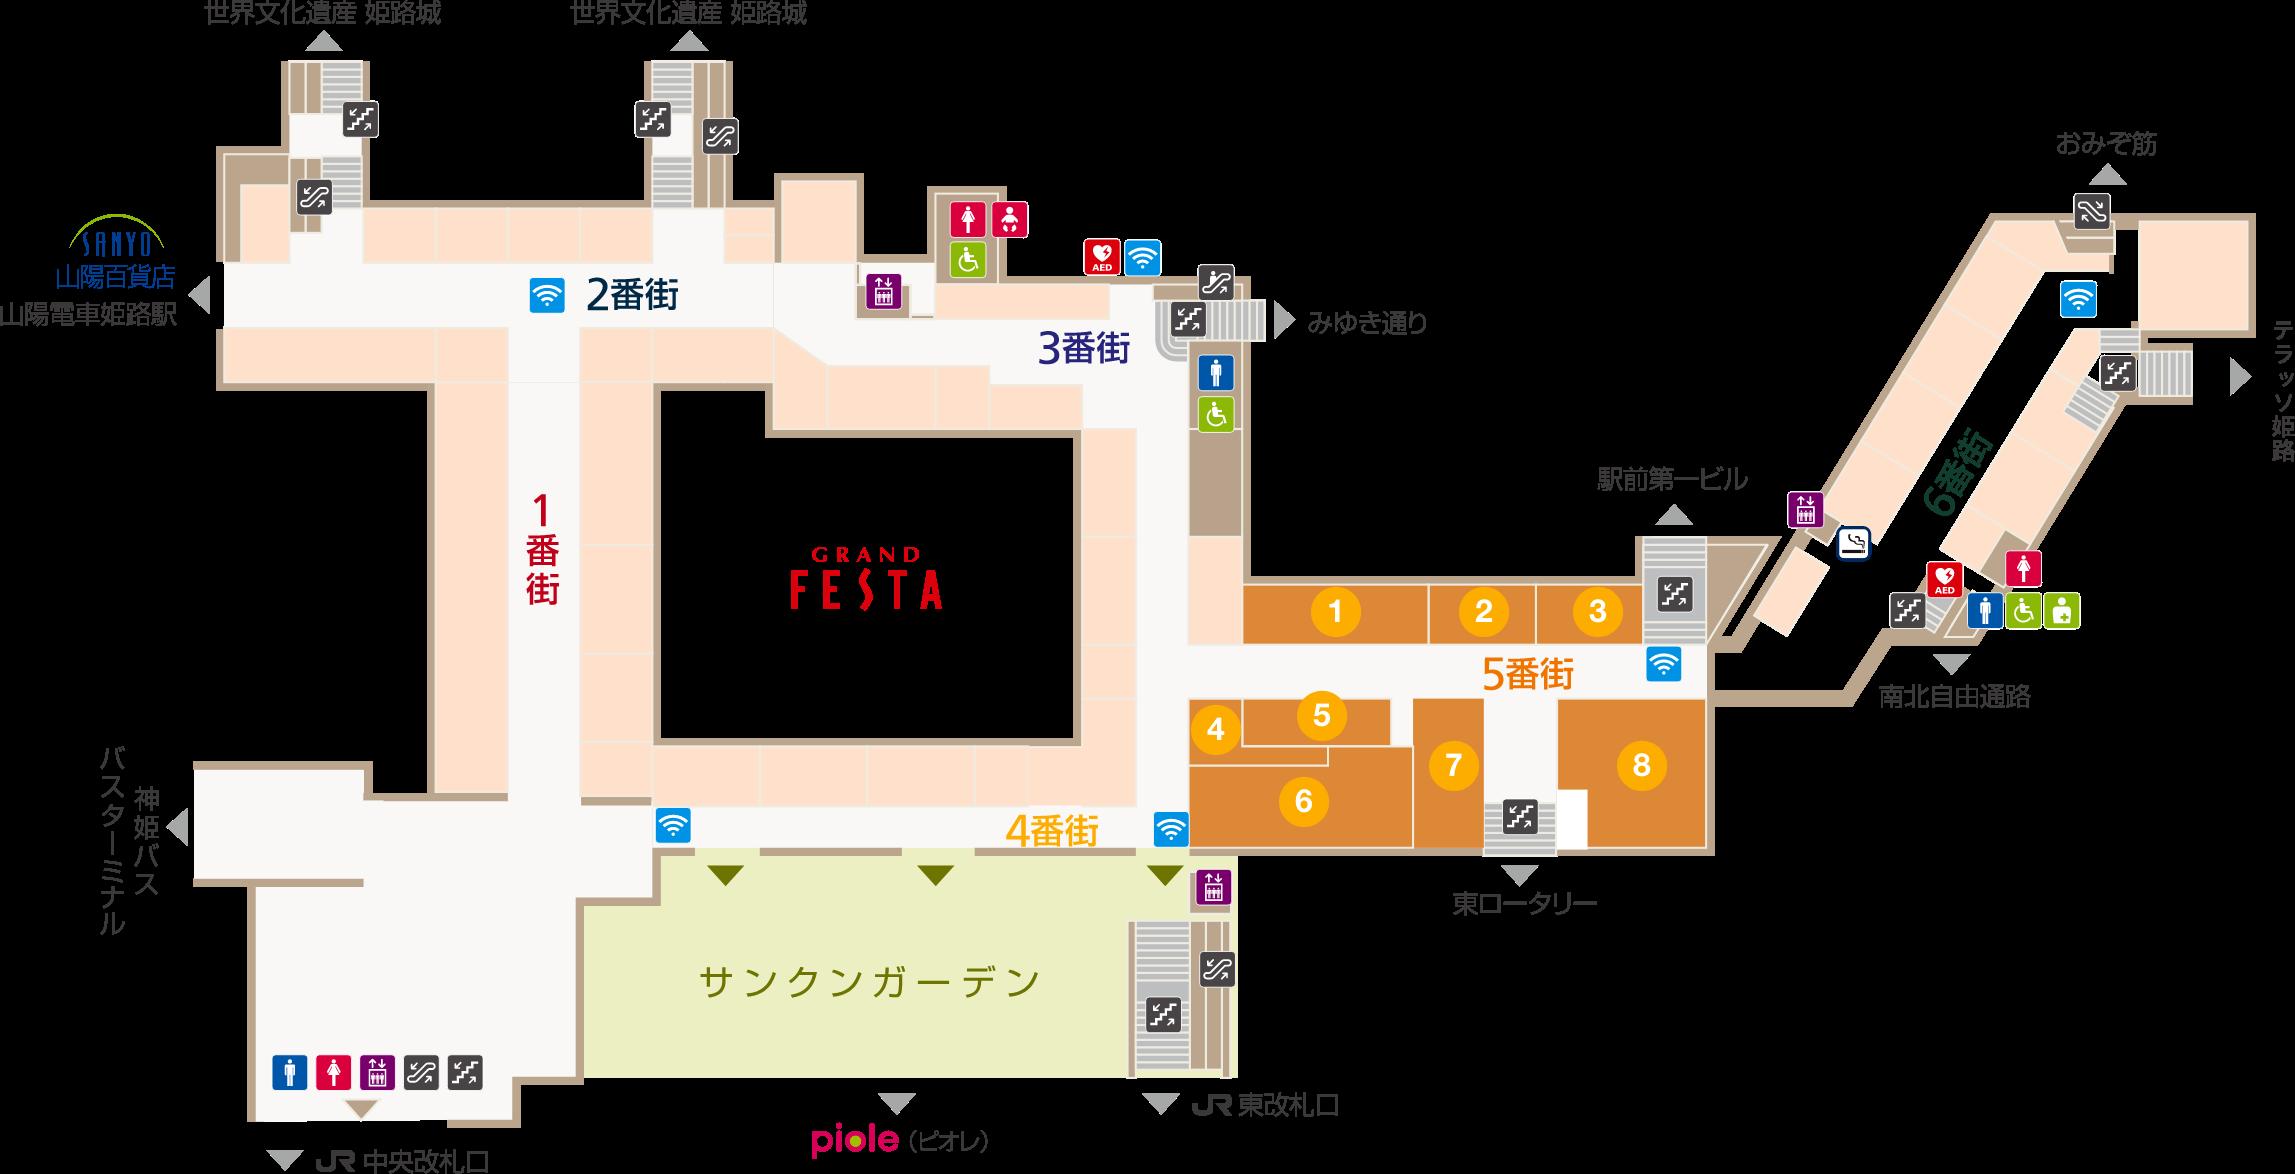 フェスタビル マップ5F